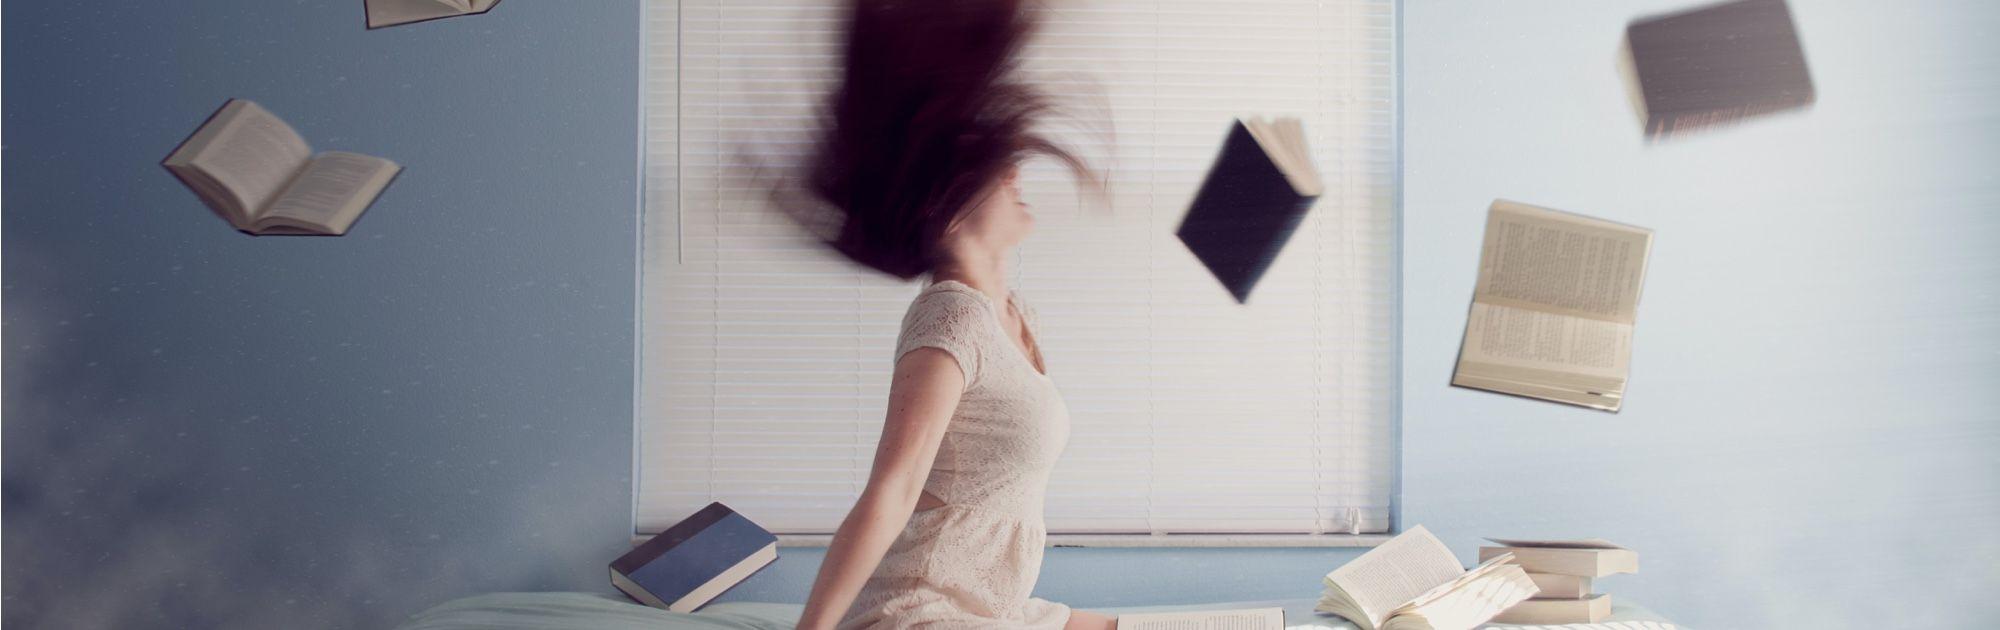 Gestionar emociones difíciles : la ira